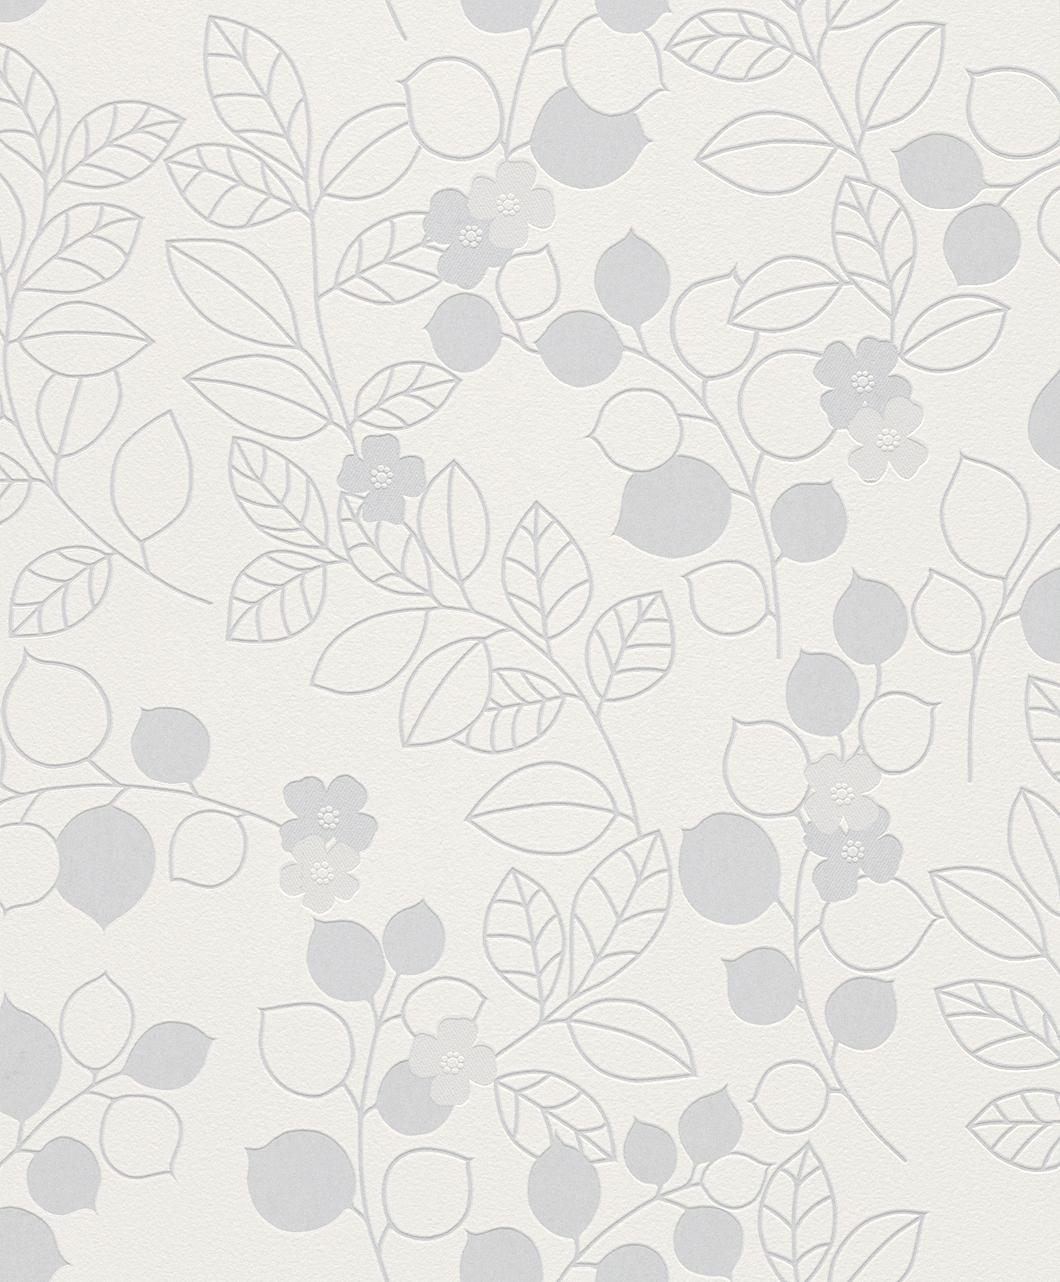 Tapeta na zeď Rasch Shiny Chic 309904 | 0,53 x 10,05 m (Vinylová tapeta - bílá, šedá)